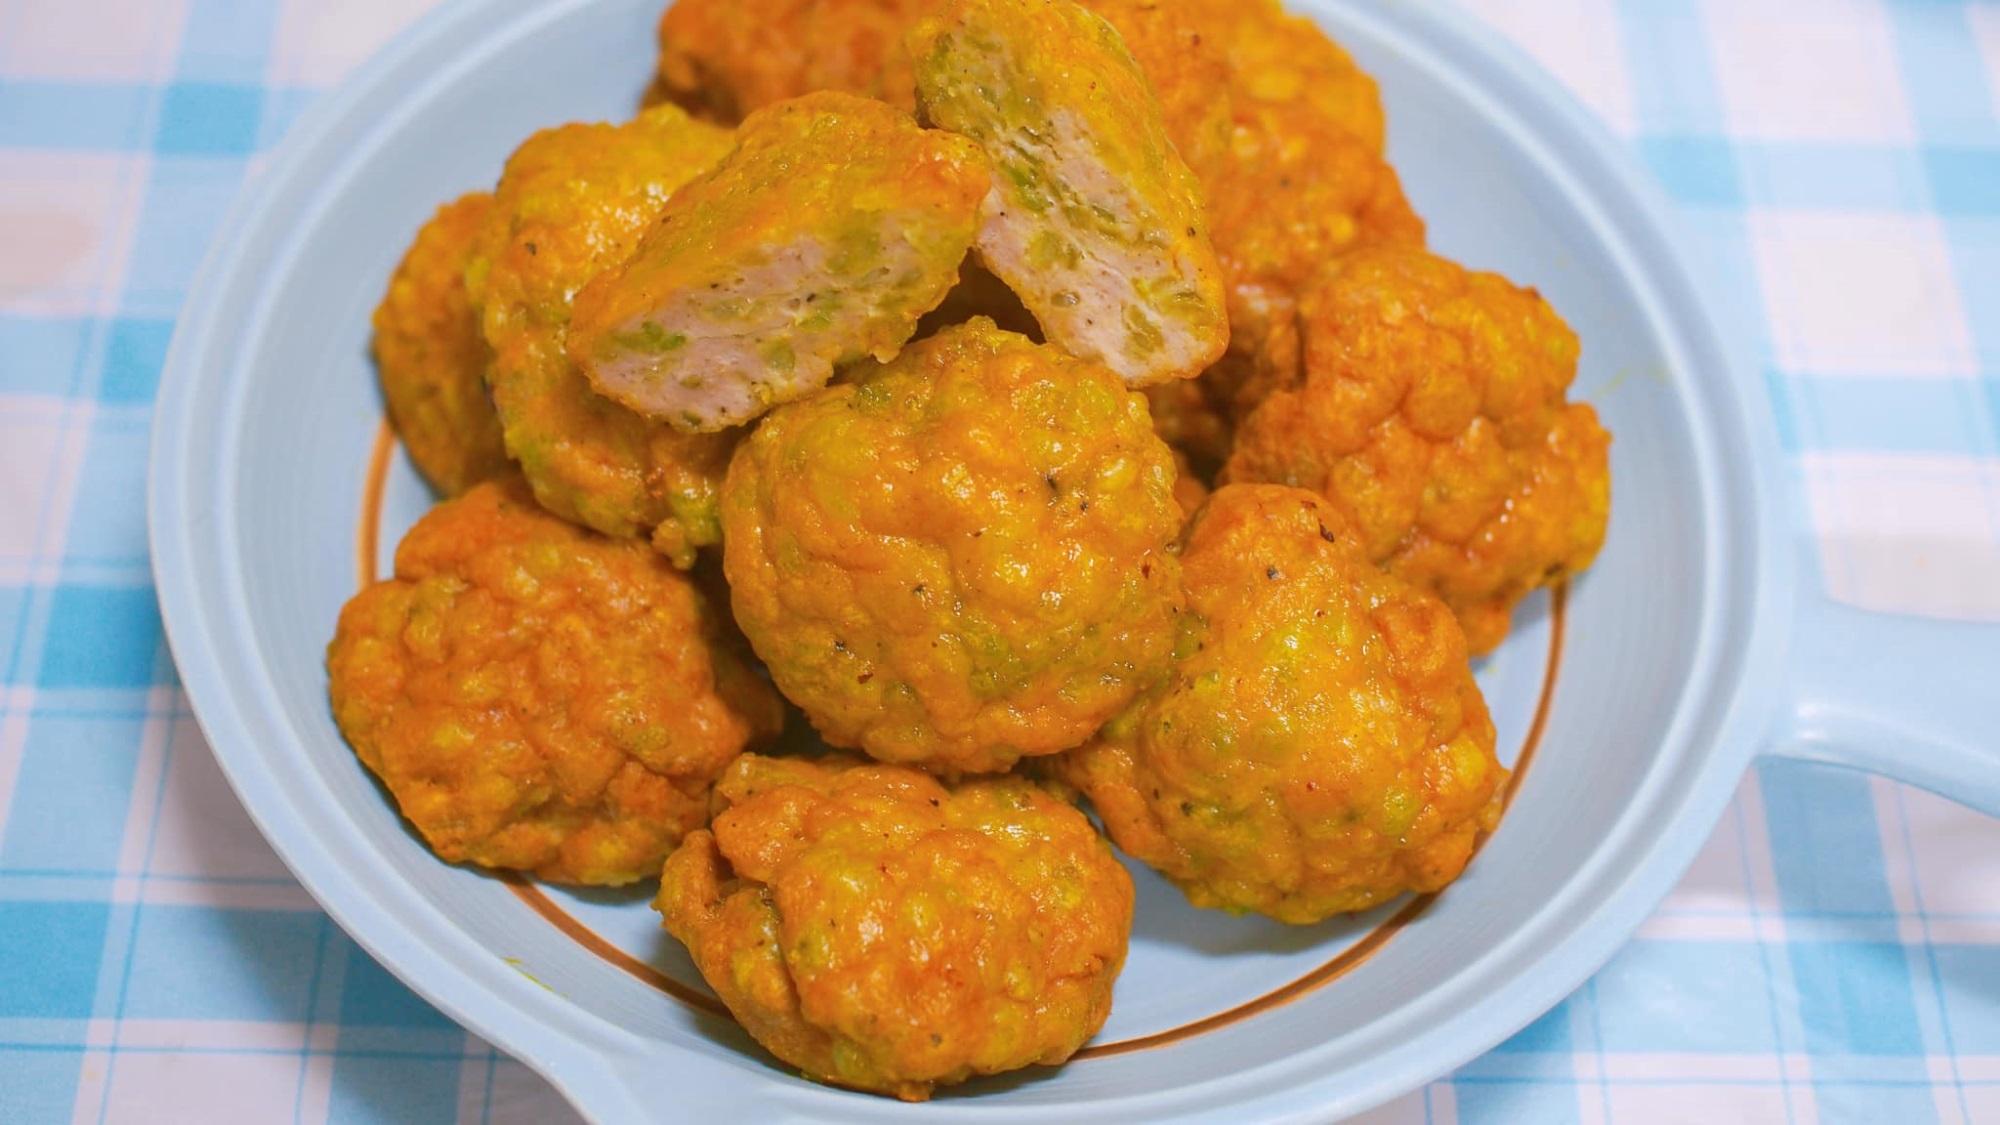 Bún đậu mắm tôm 'ăn là nghiền' với công thức làm thỏa lòng 'những người con xa xứ'  - Ảnh 10